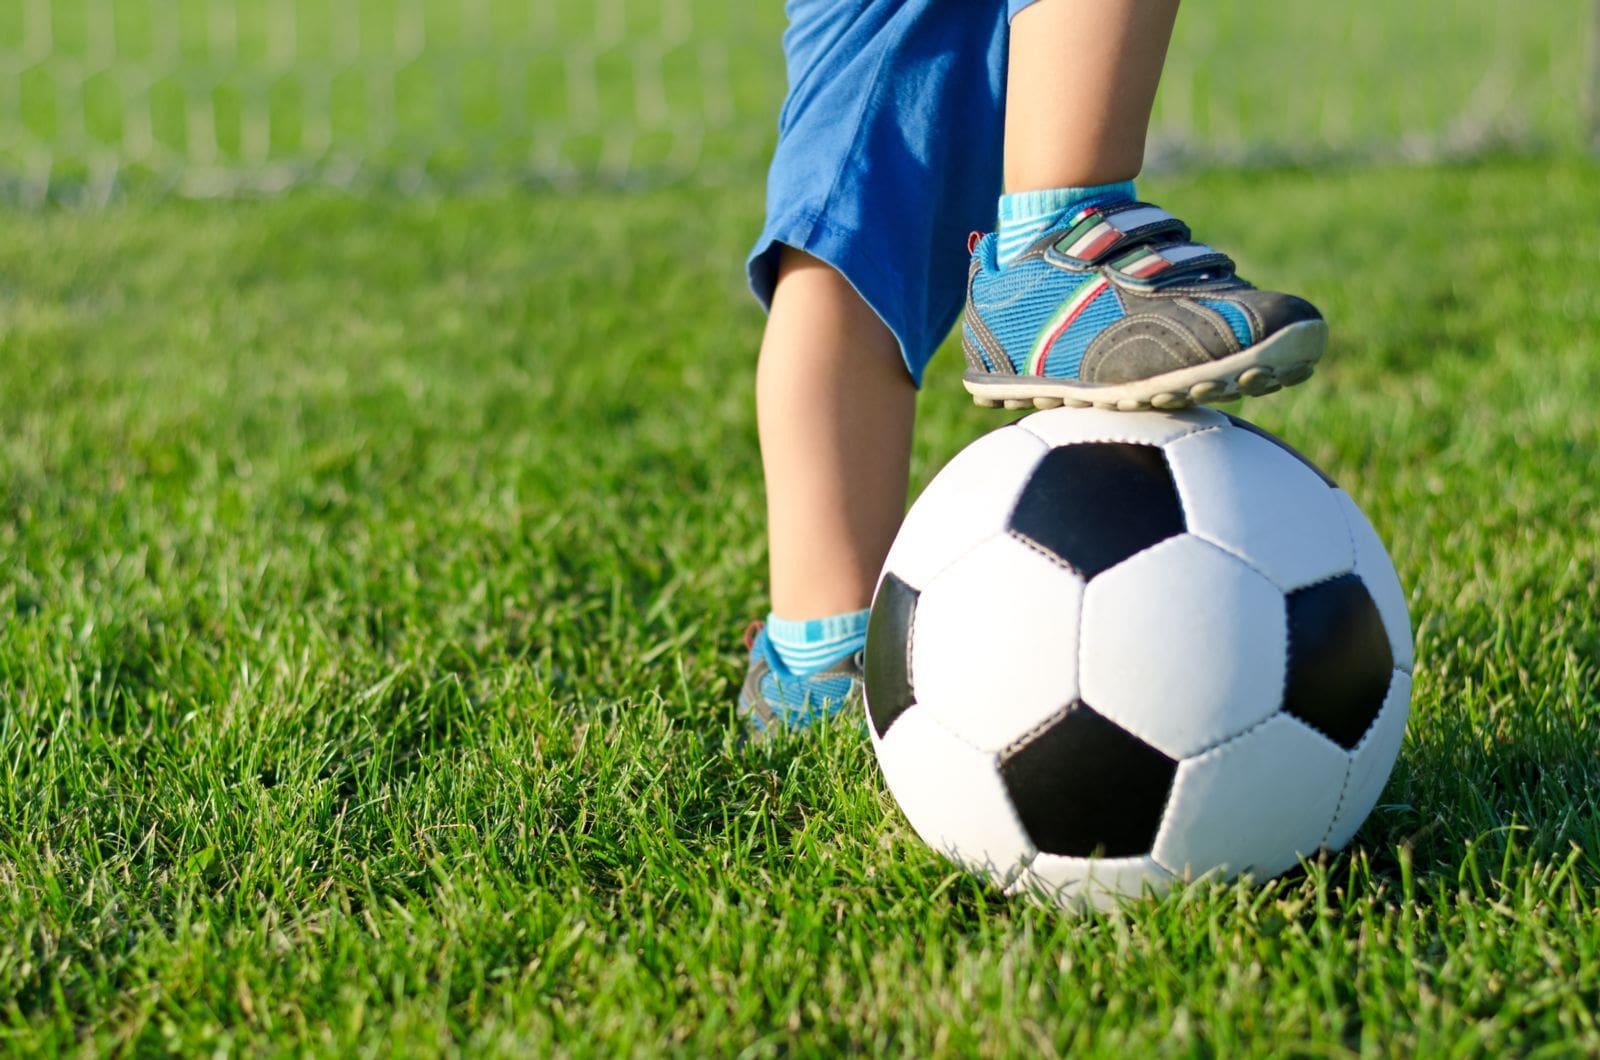 kids foot on soccer ball